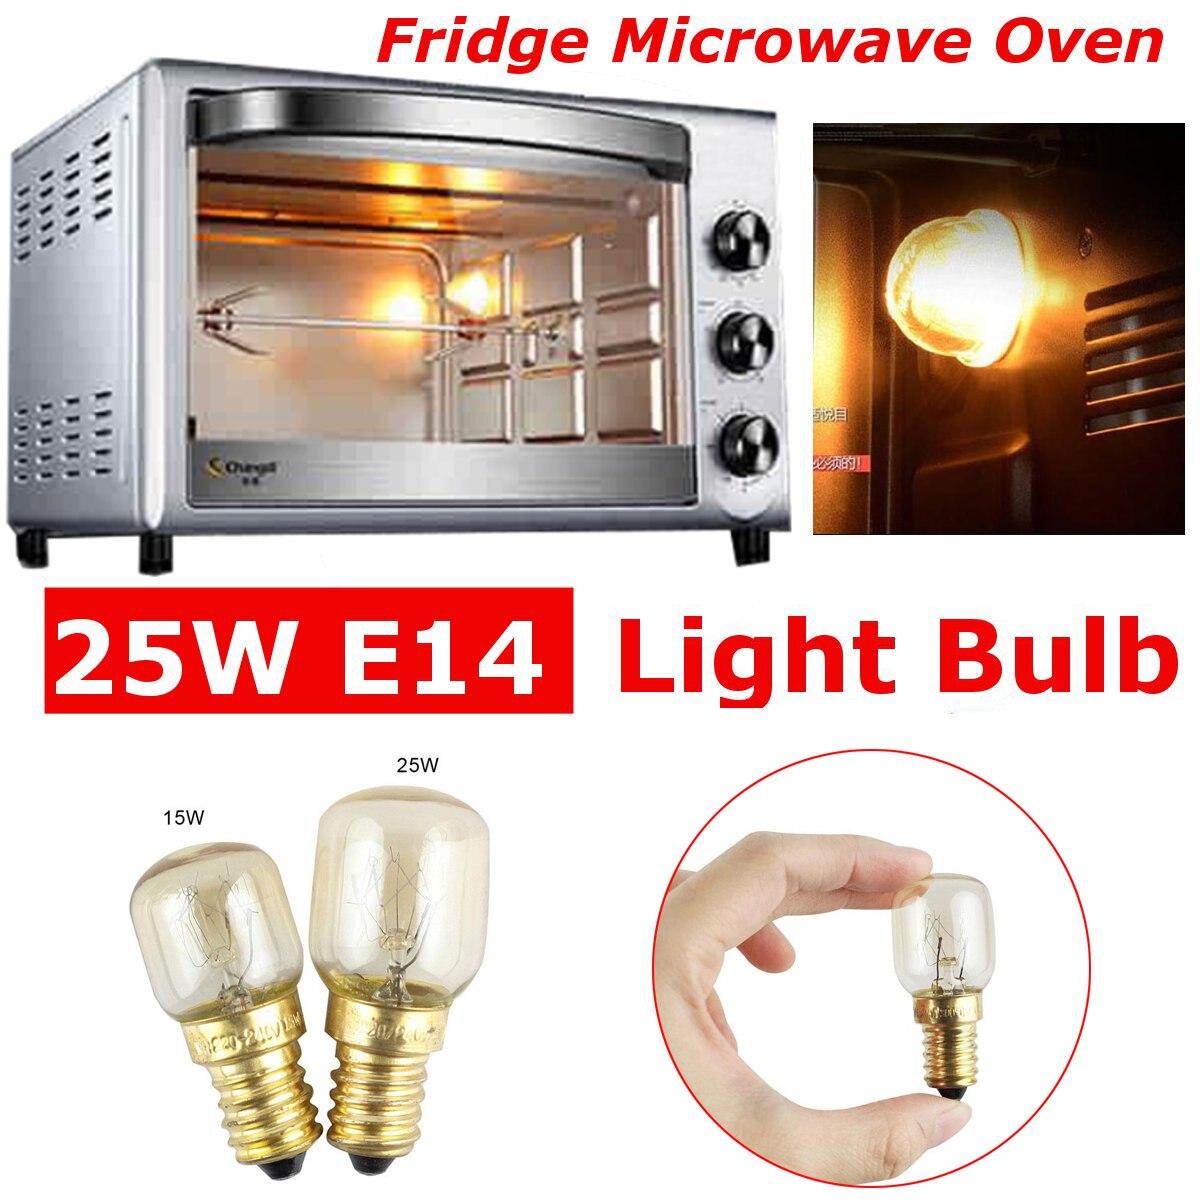 MeterMall 220v E14 300 Degree High Temperature Resistant Microwave Oven Bulbs Cooker Lamp Salt Light Bulb